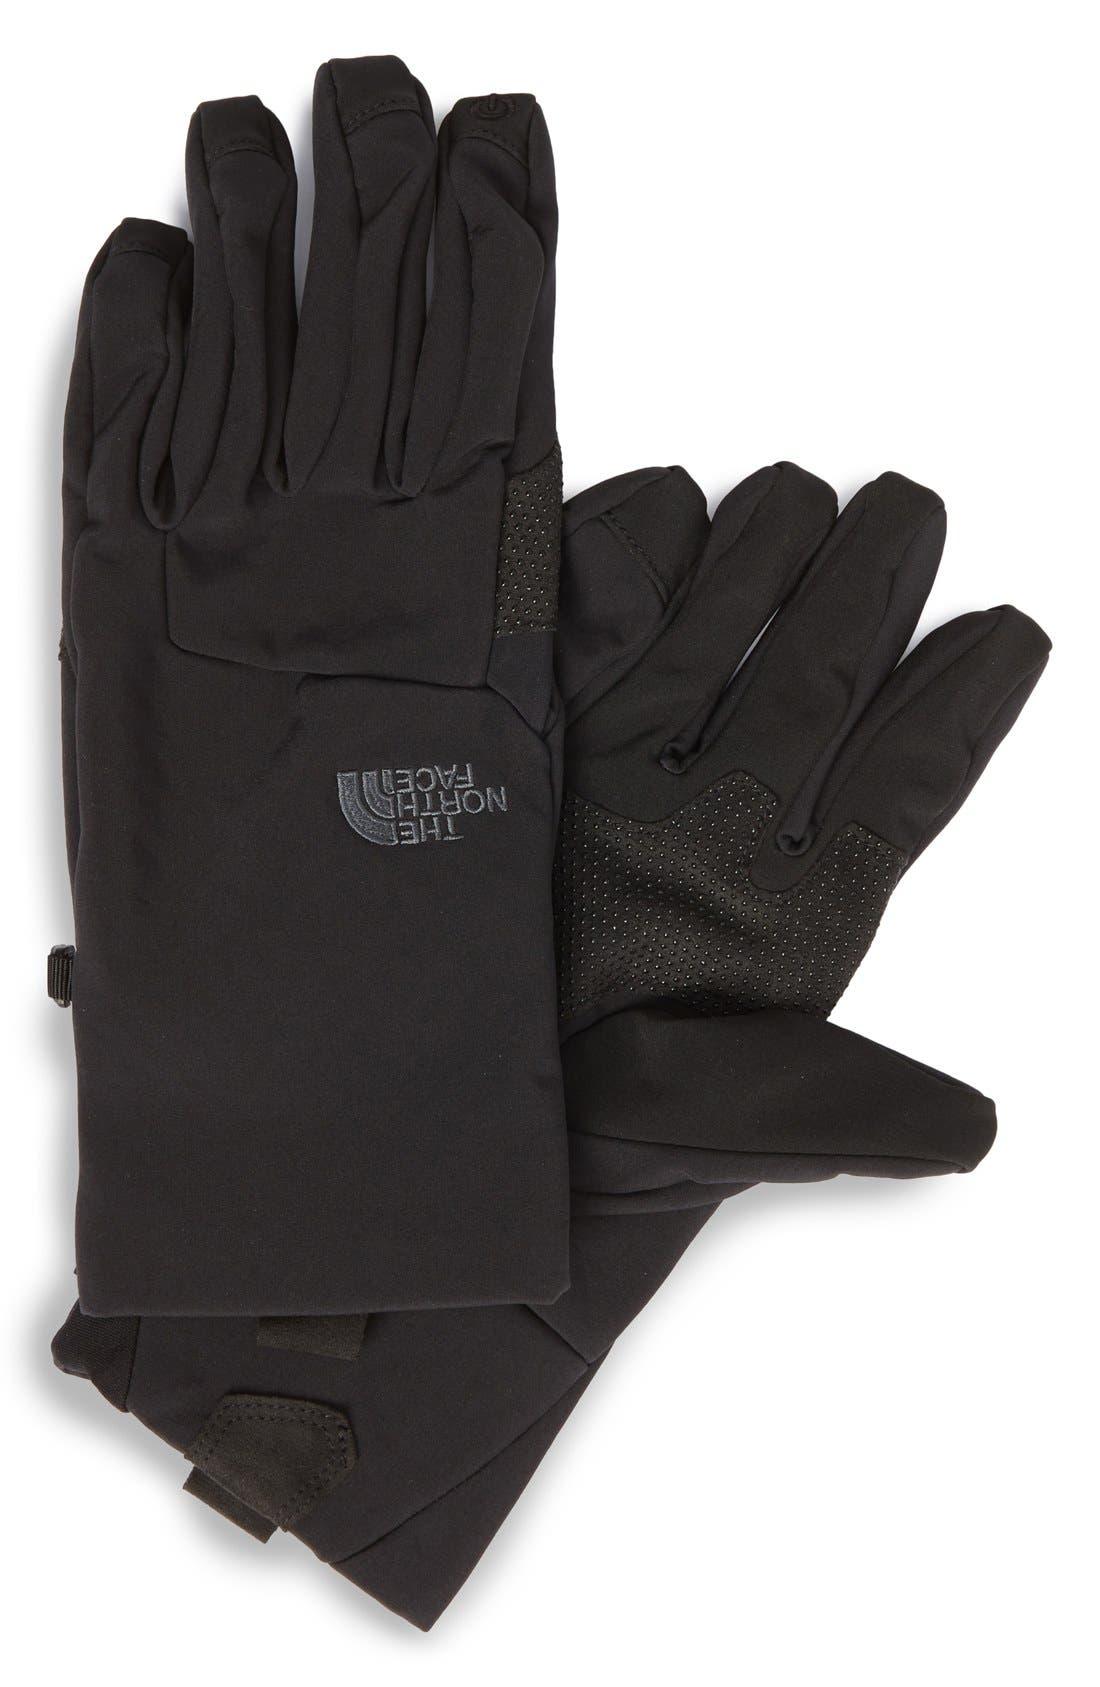 Main Image - The North Face eTip Apex ClimateBlock Gloves